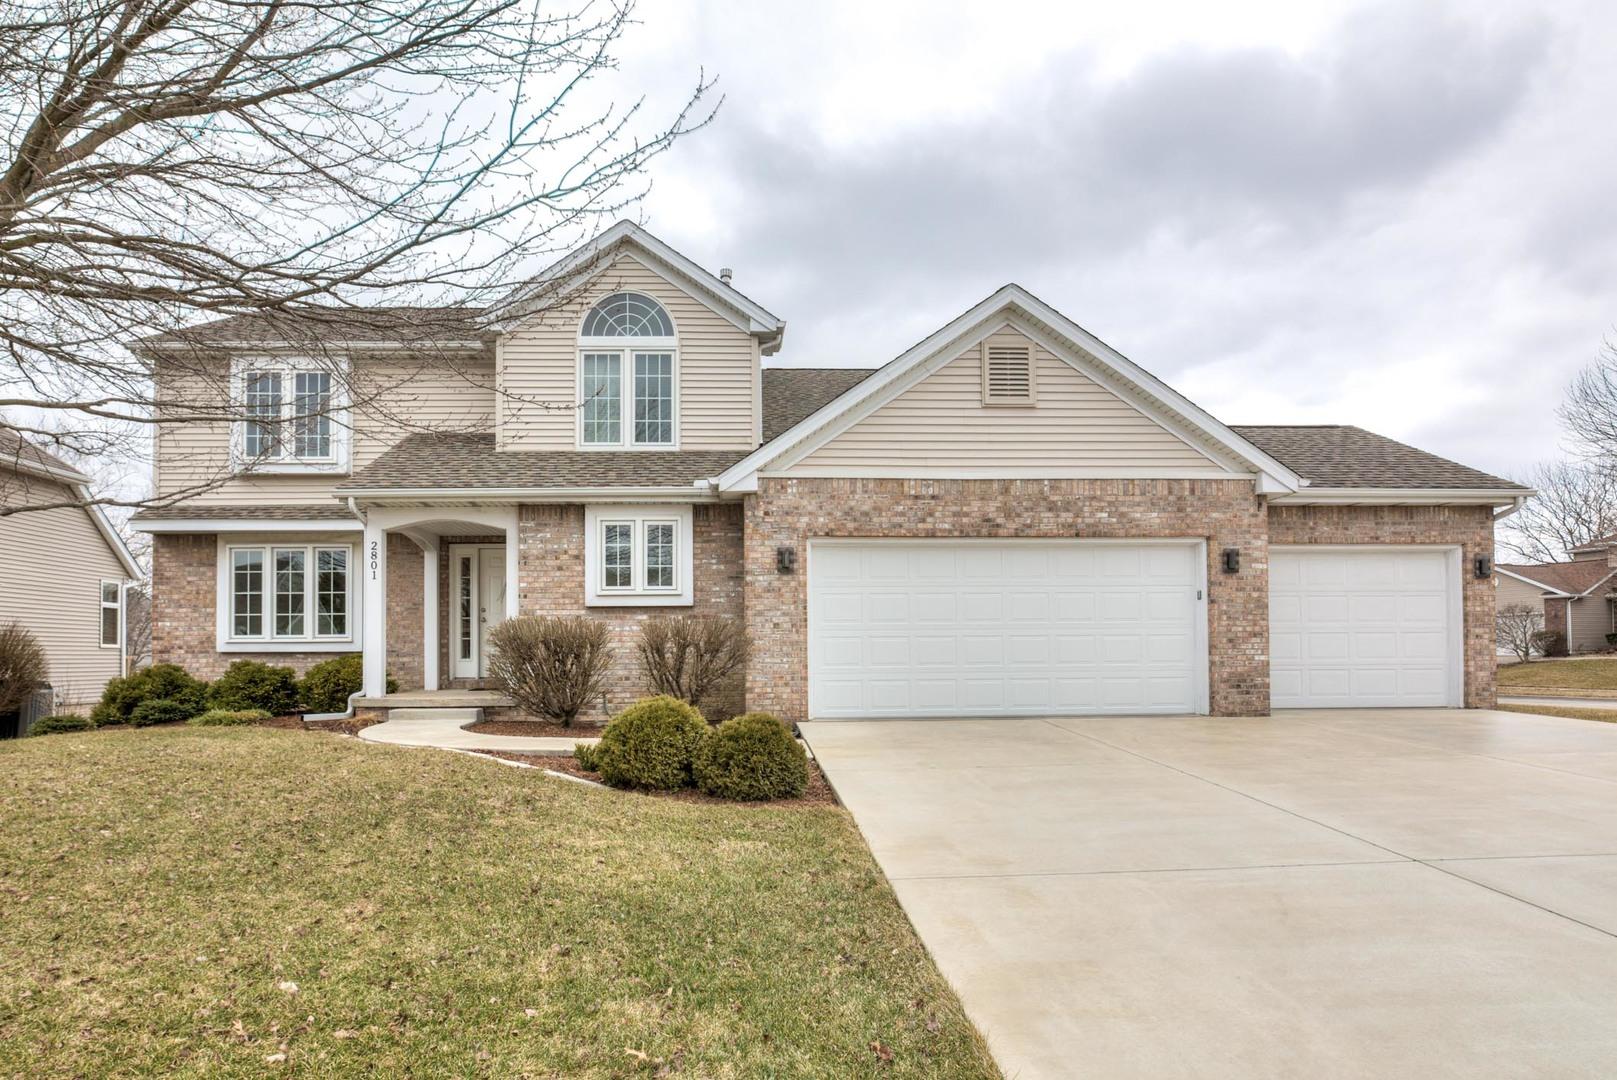 2801 Greenfield ,Bloomington, Illinois 61704